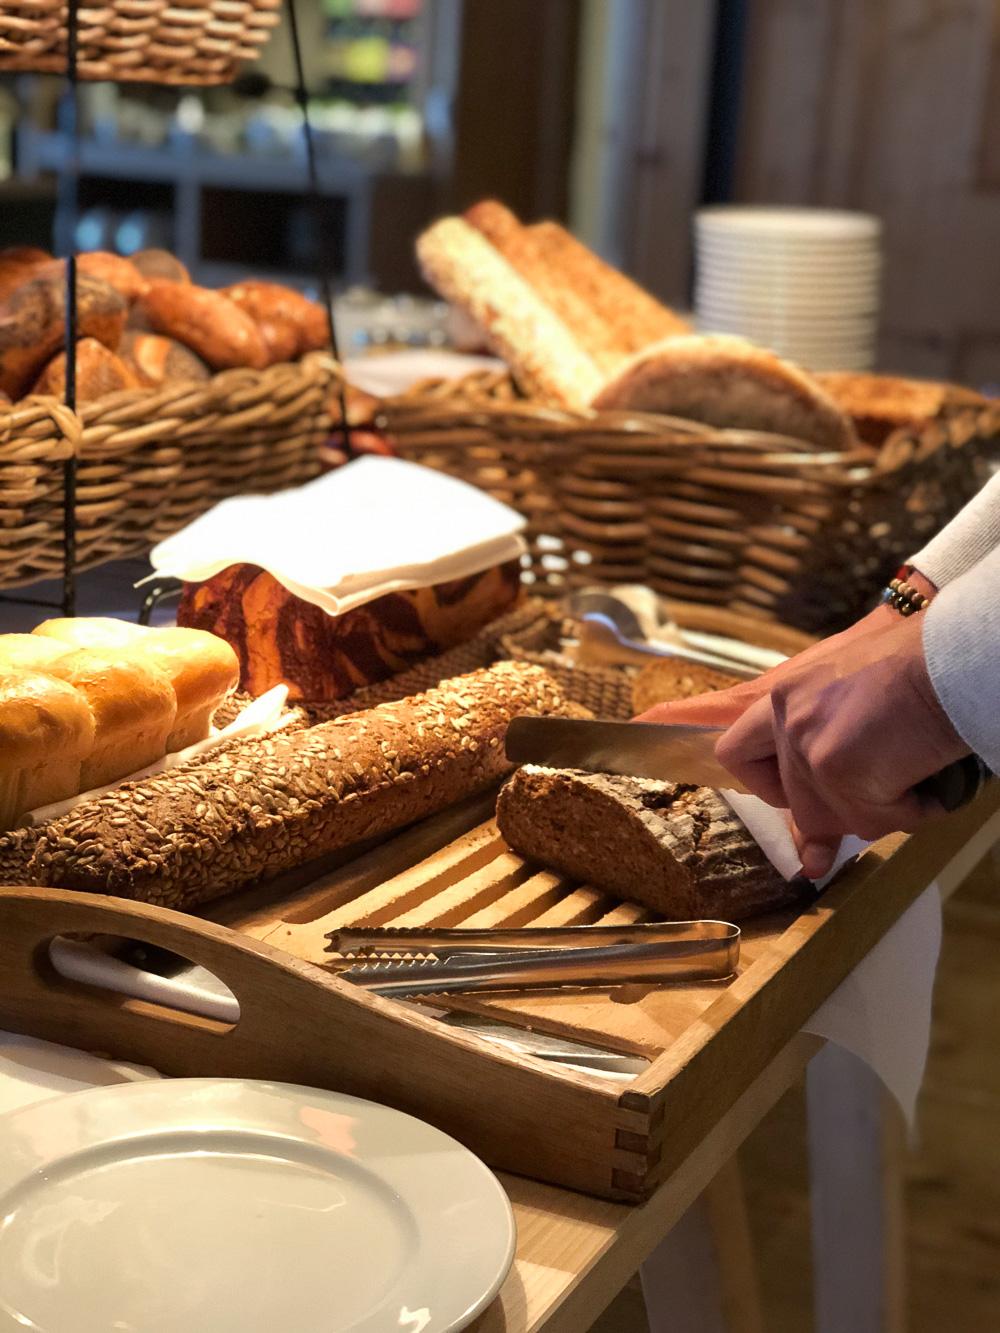 Frühstück Brot